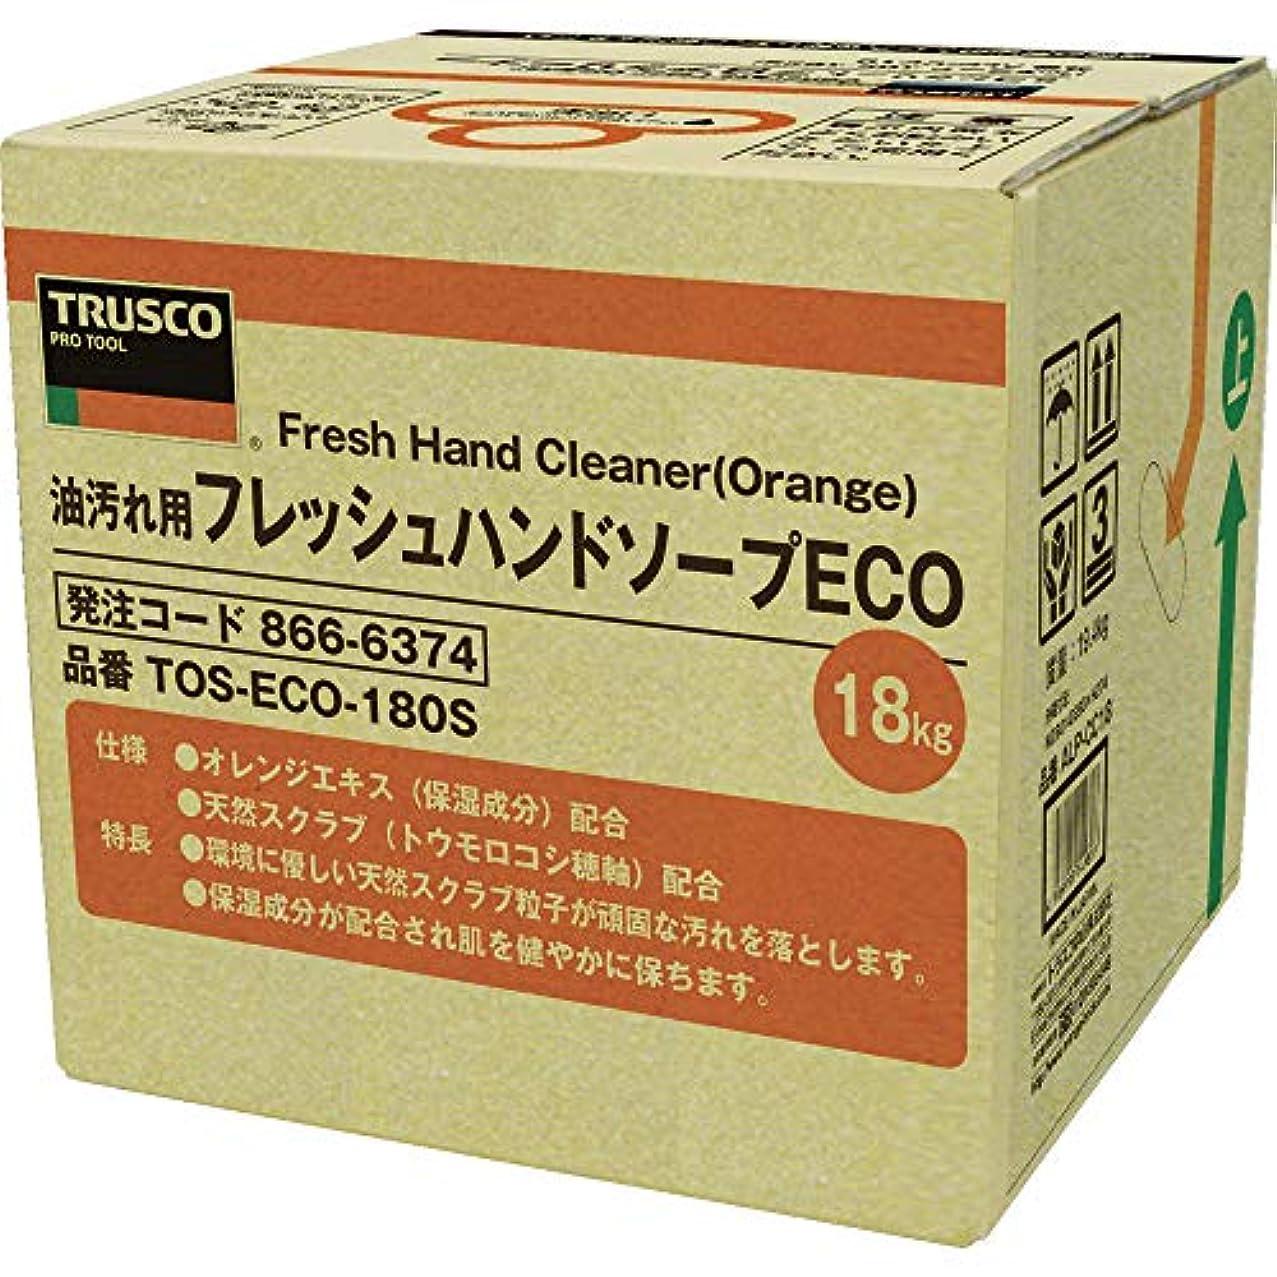 担保切手経度TRUSCO(トラスコ) フレッシュハンドソープECO 18L 詰替 バッグインボックス TOSECO180S